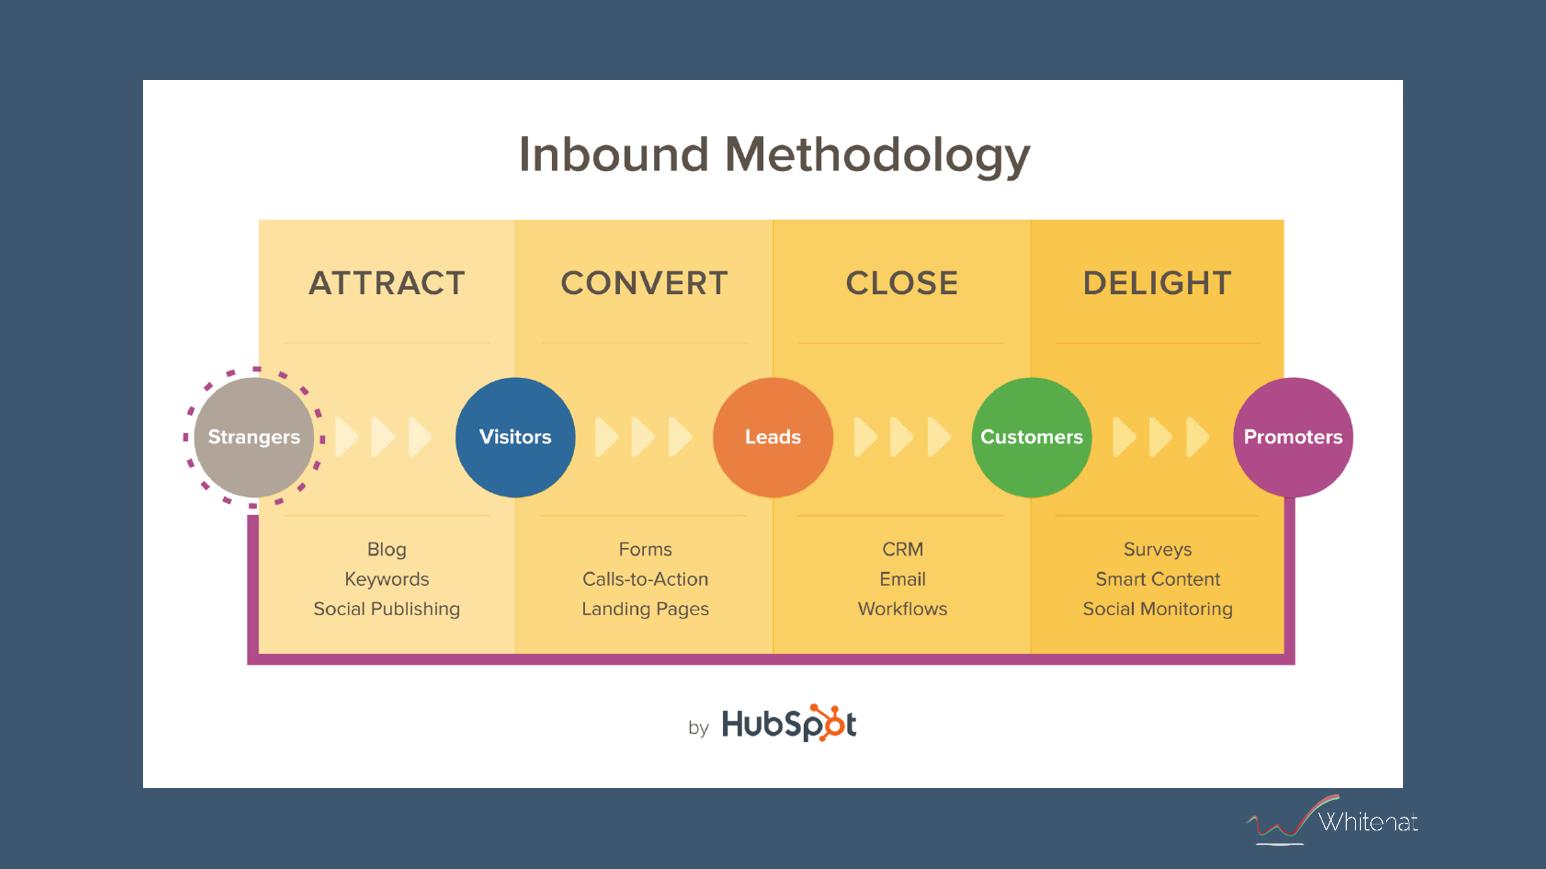 the inbound methodology